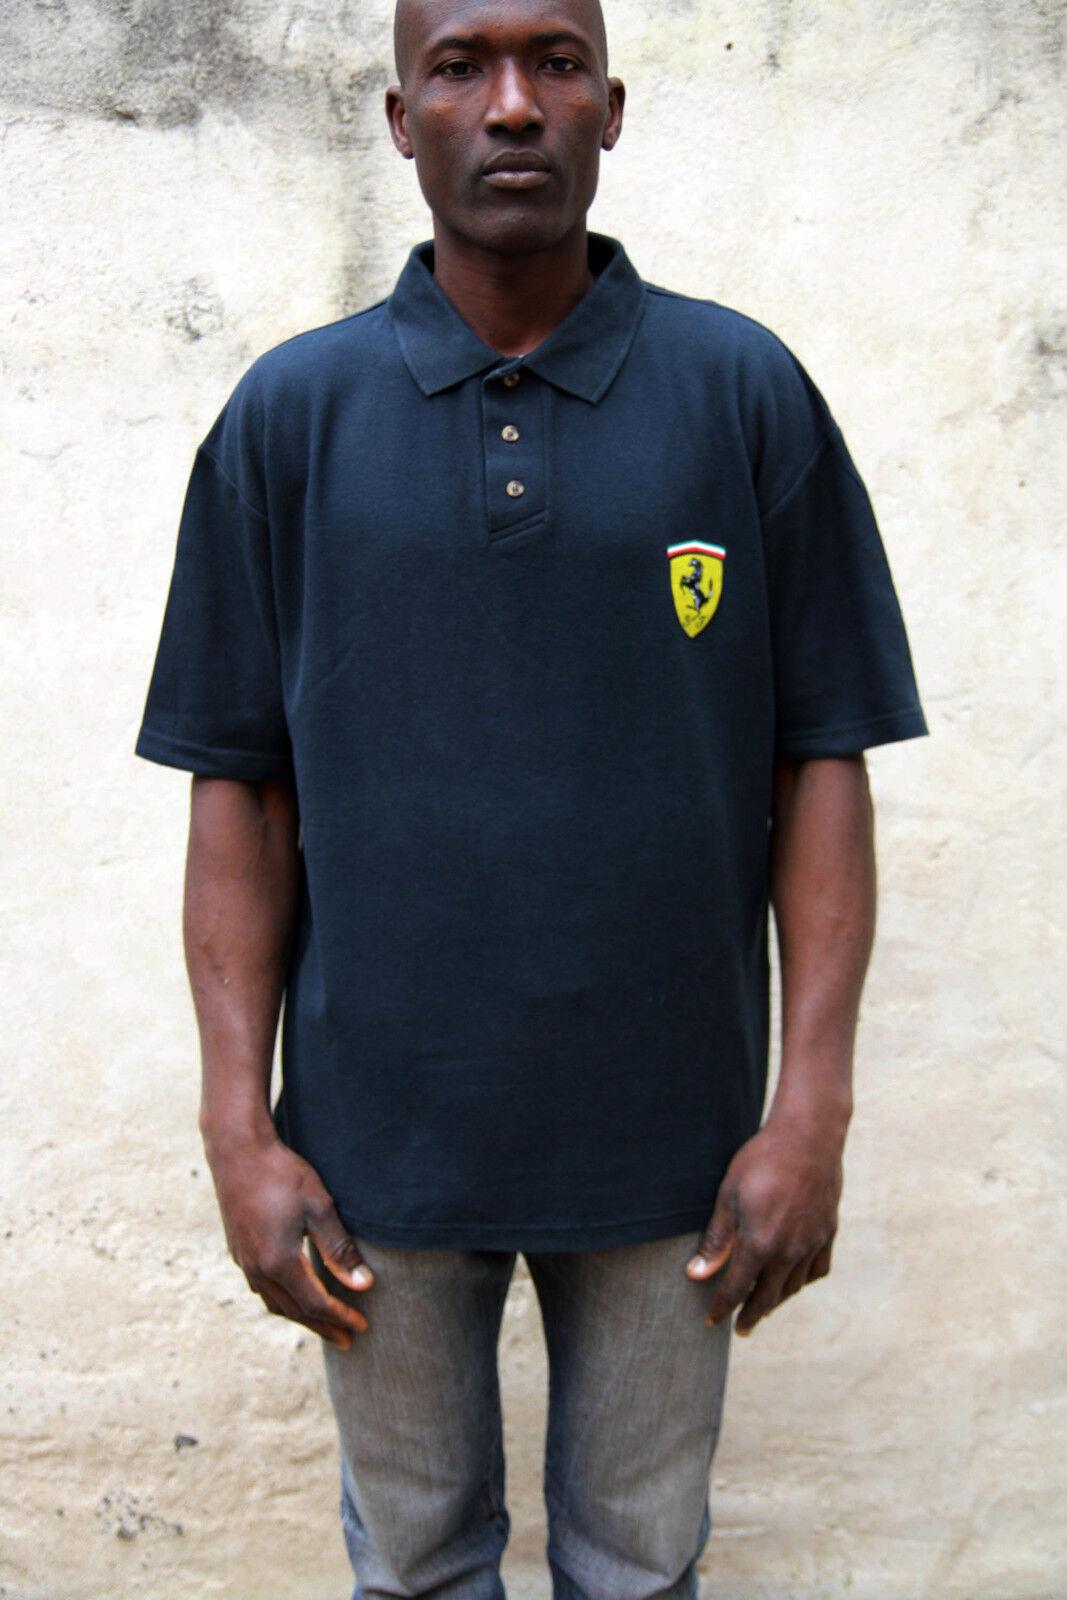 Scuderia Ferrari 1999 Nice Hommes Sport Polo NOIR Shirt Top Coton AUTH NOIR Polo L officiel 5d3918